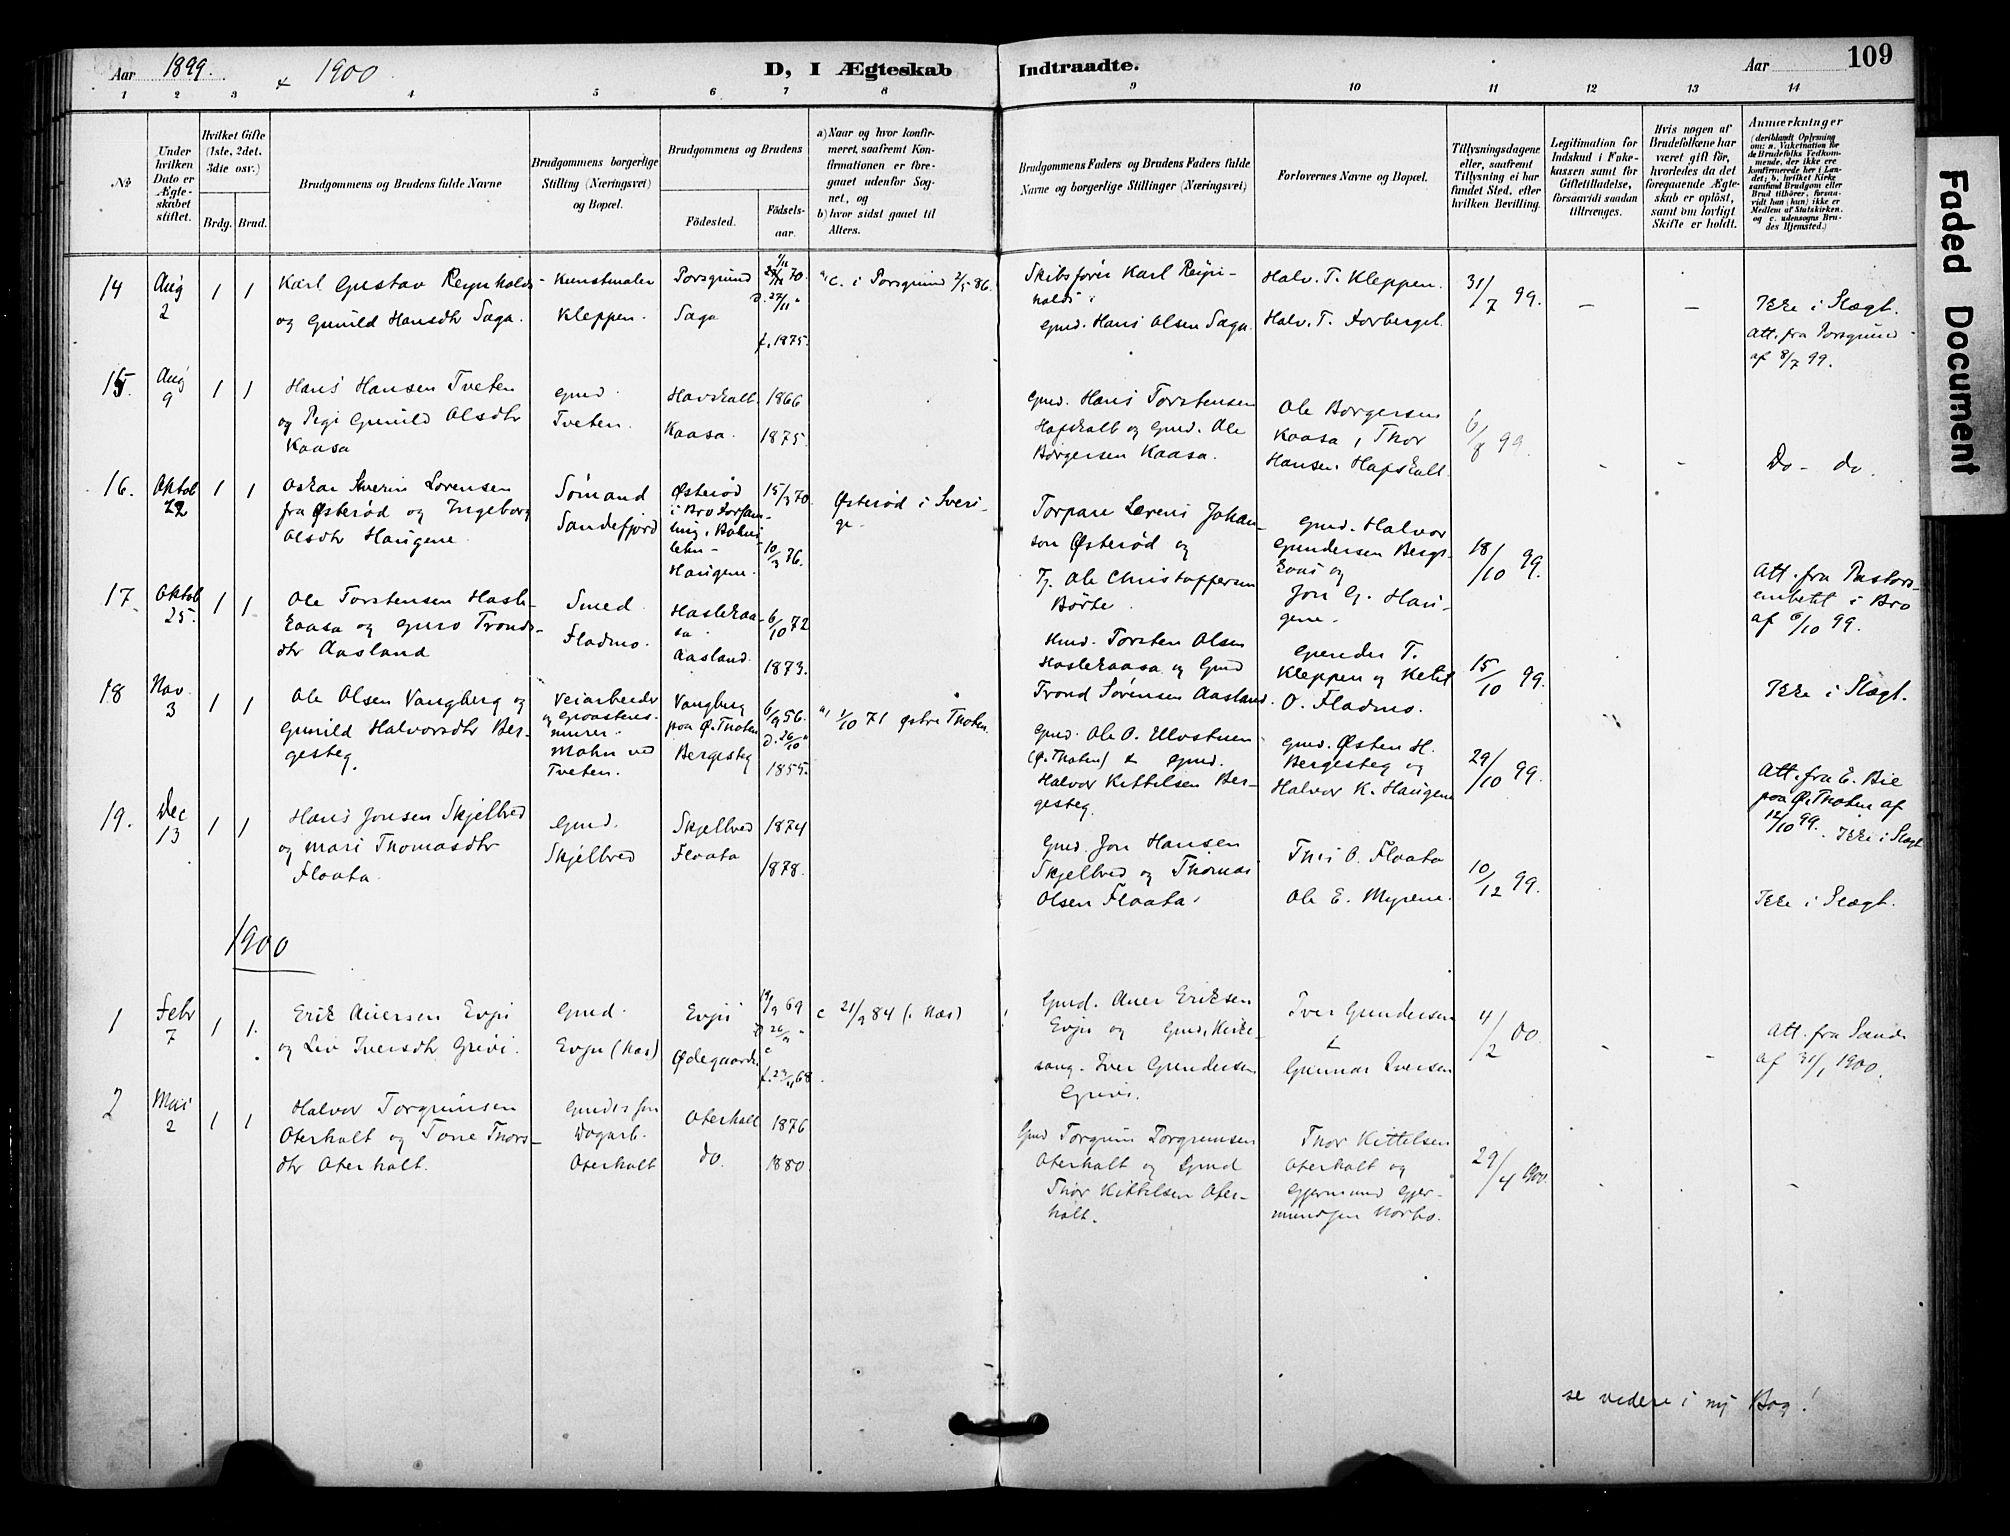 SAKO, Bø kirkebøker, F/Fa/L0011: Ministerialbok nr. 11, 1892-1900, s. 109